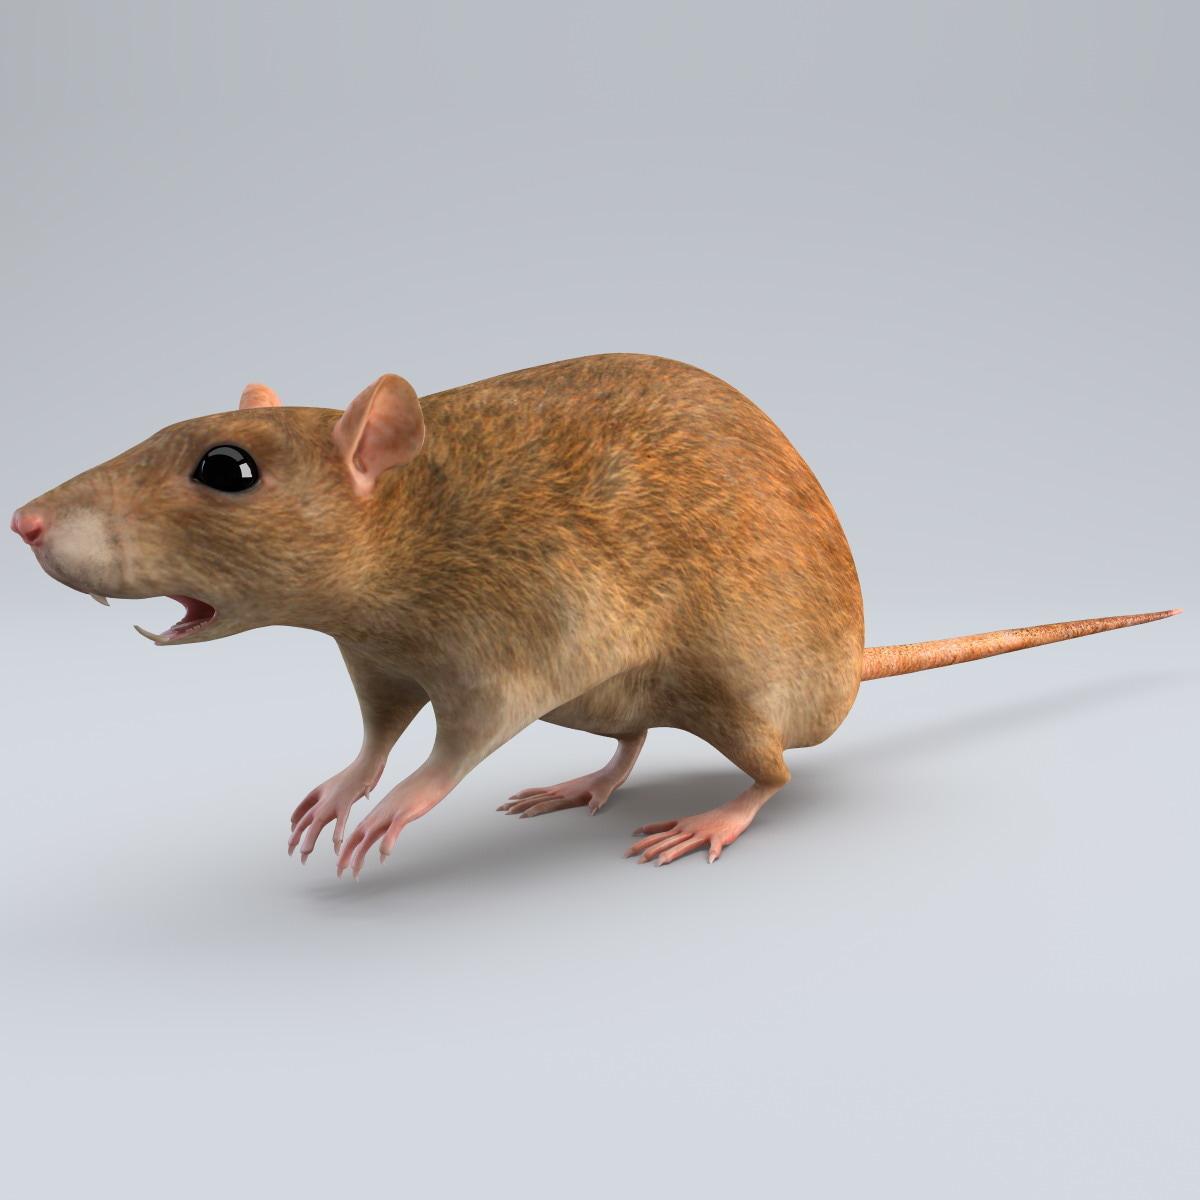 Rat_005.jpg